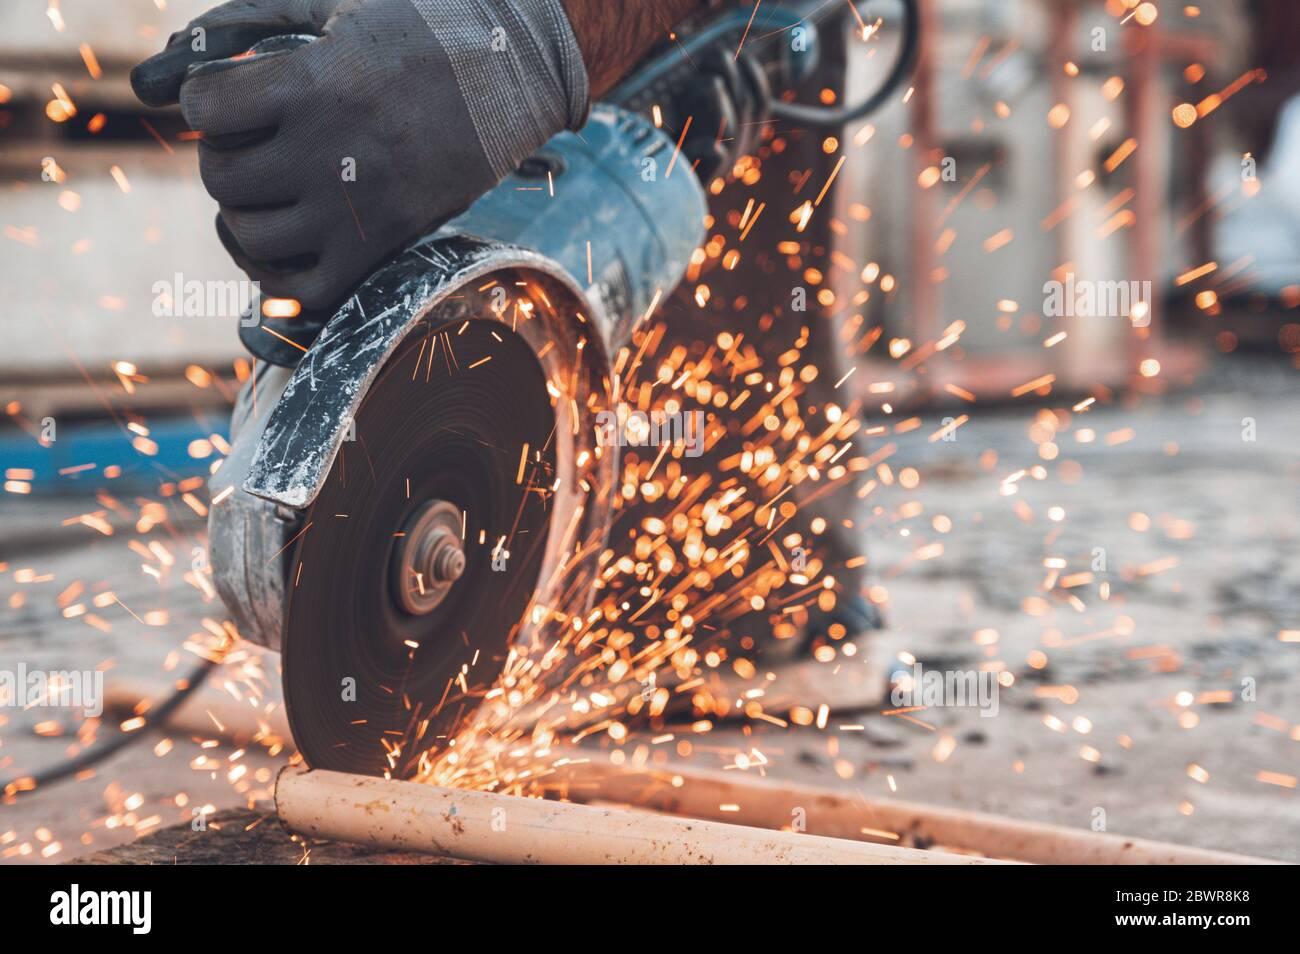 Ouvrier de construction utilisant une meuleuse d'angle coupant du métal sur le chantier de construction. Banque D'Images